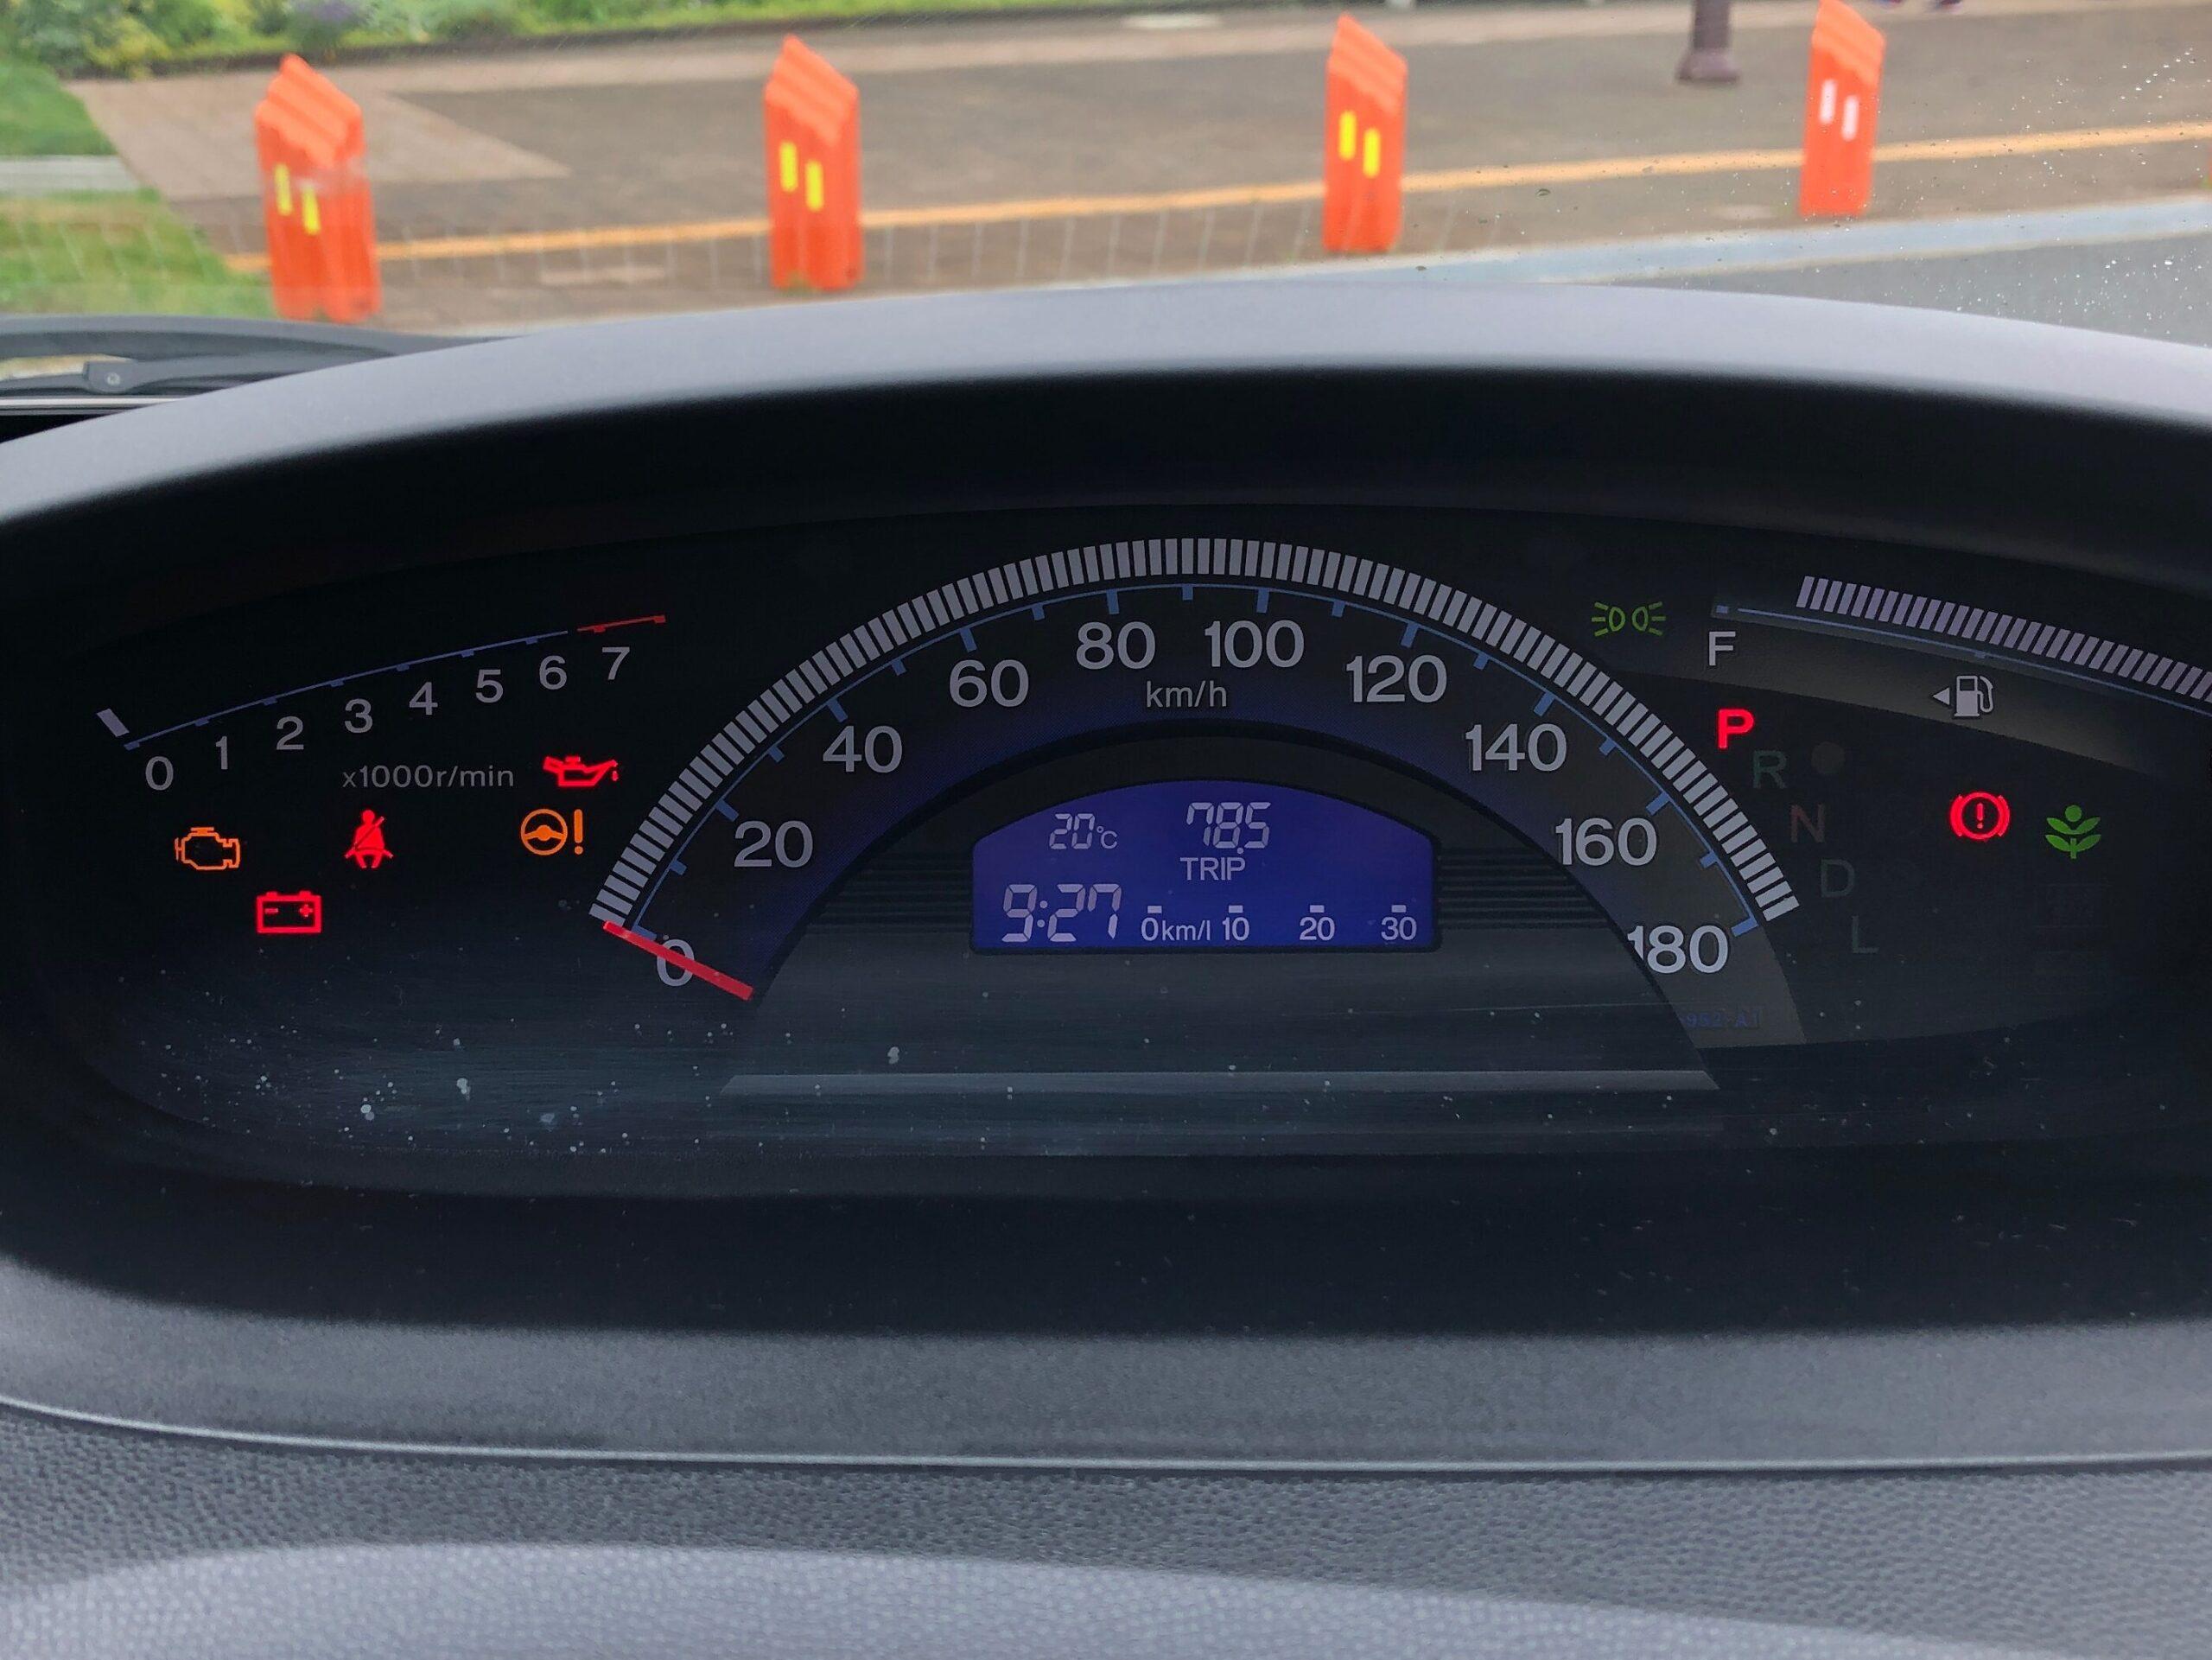 フリードのトリップメーターで燃費計測